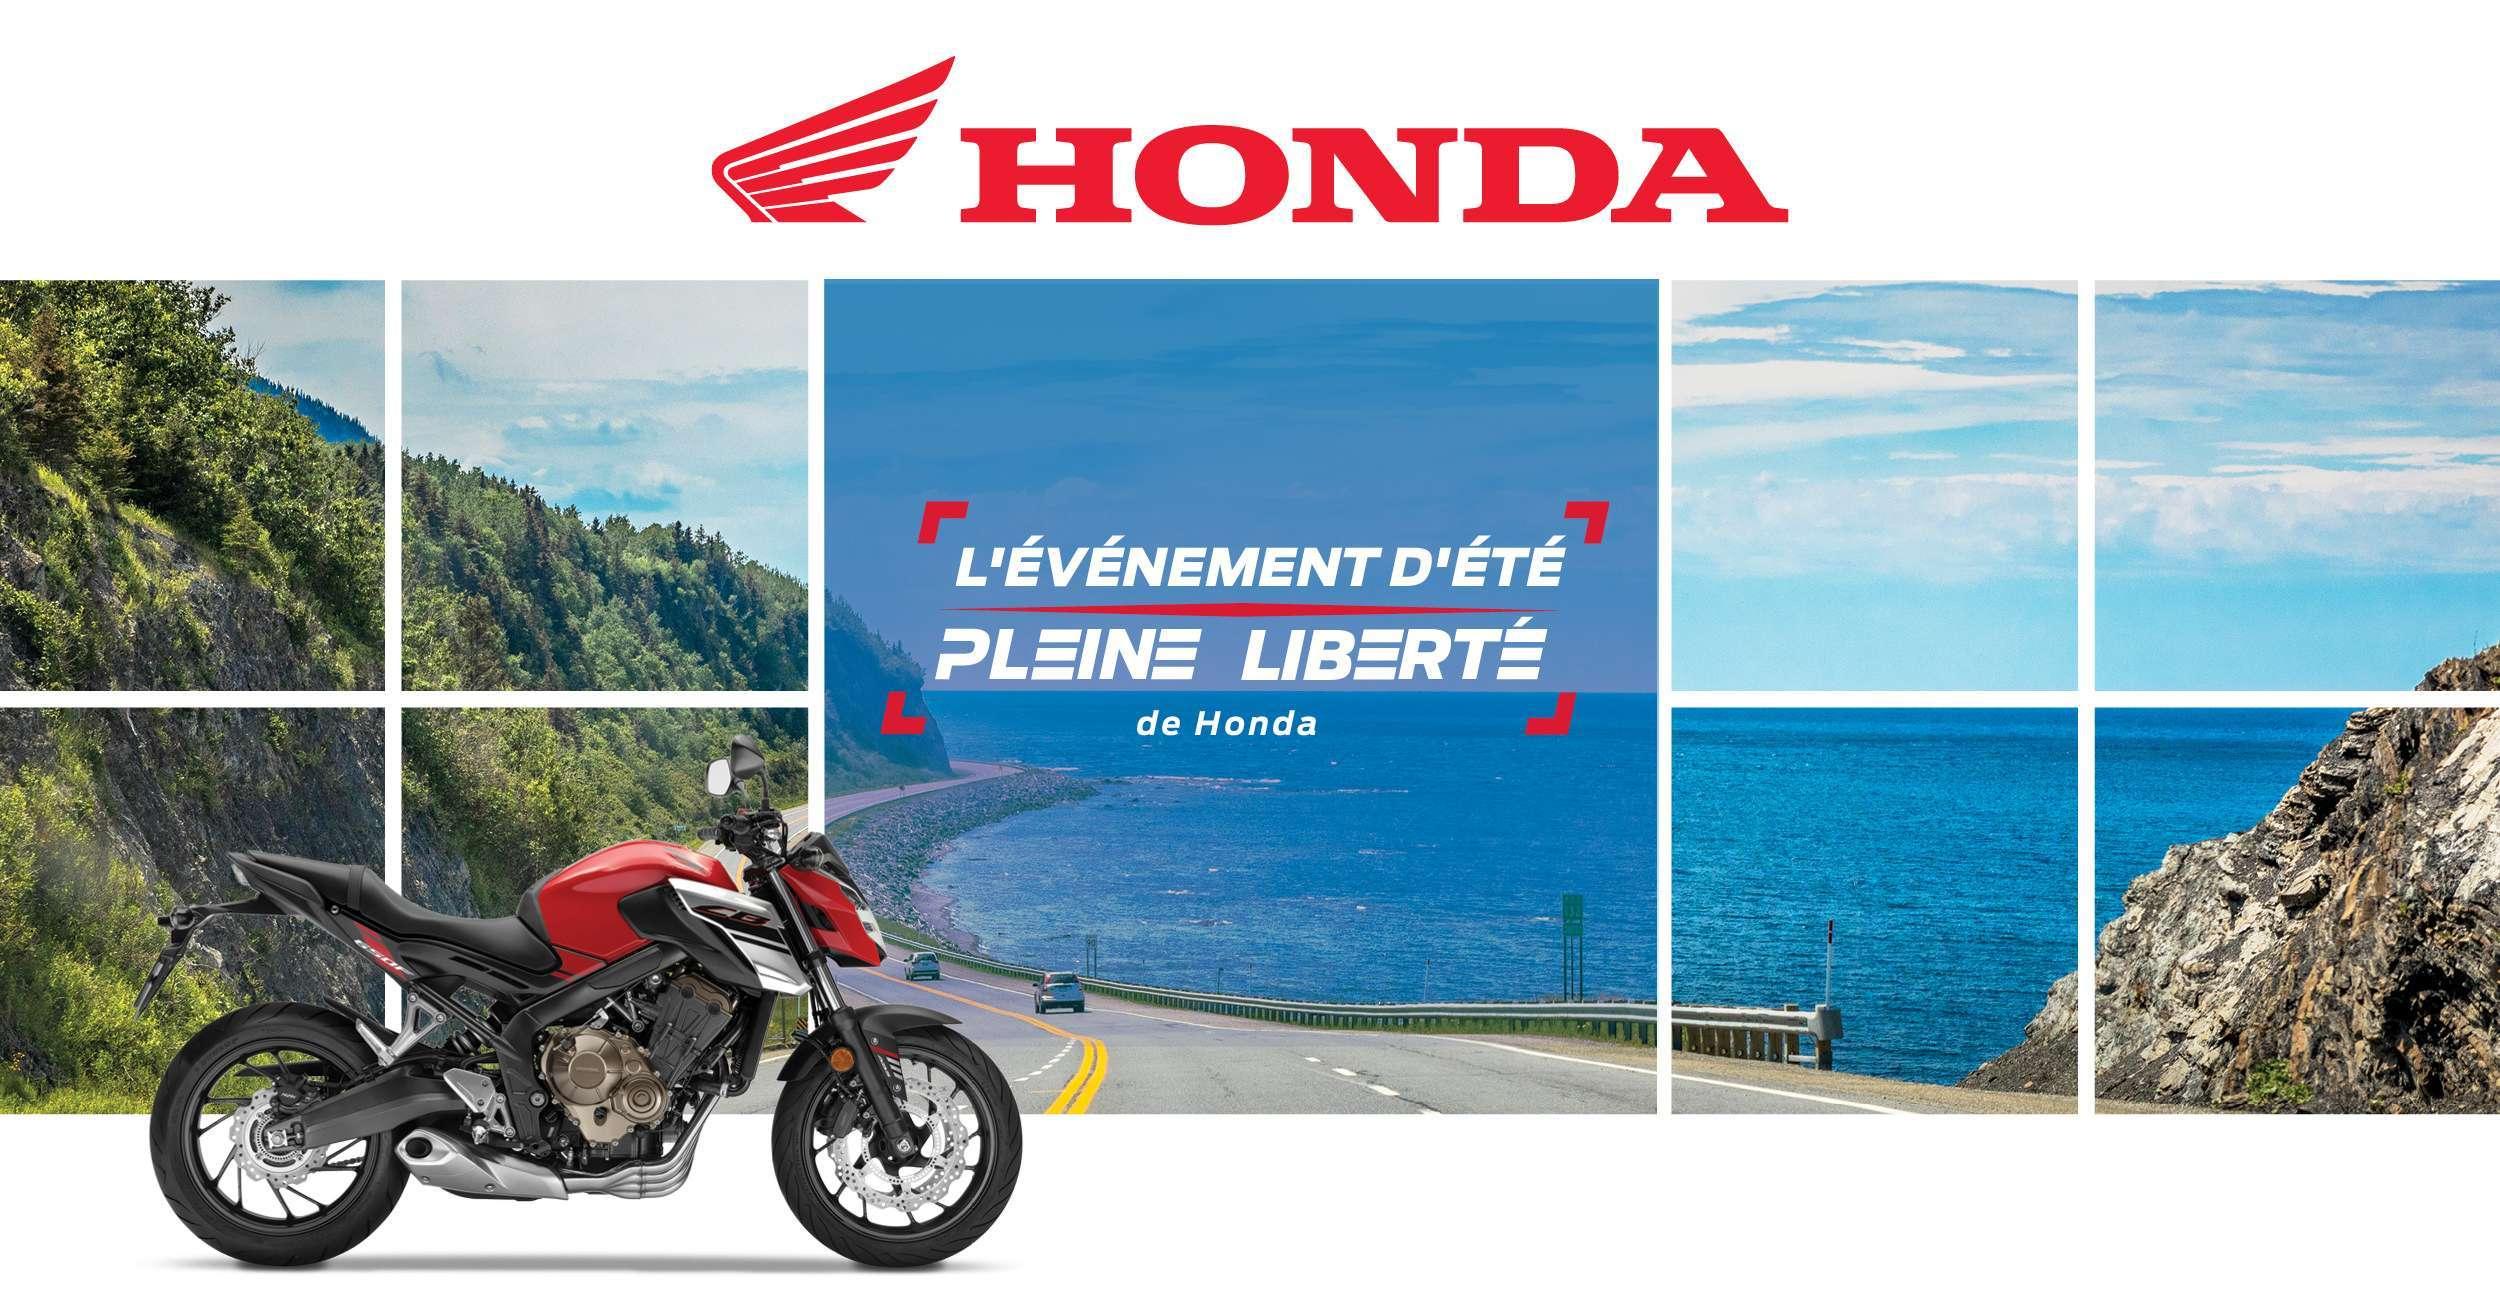 """L'évènement d'été """"Pleine liberté"""" de Honda se prolonge"""